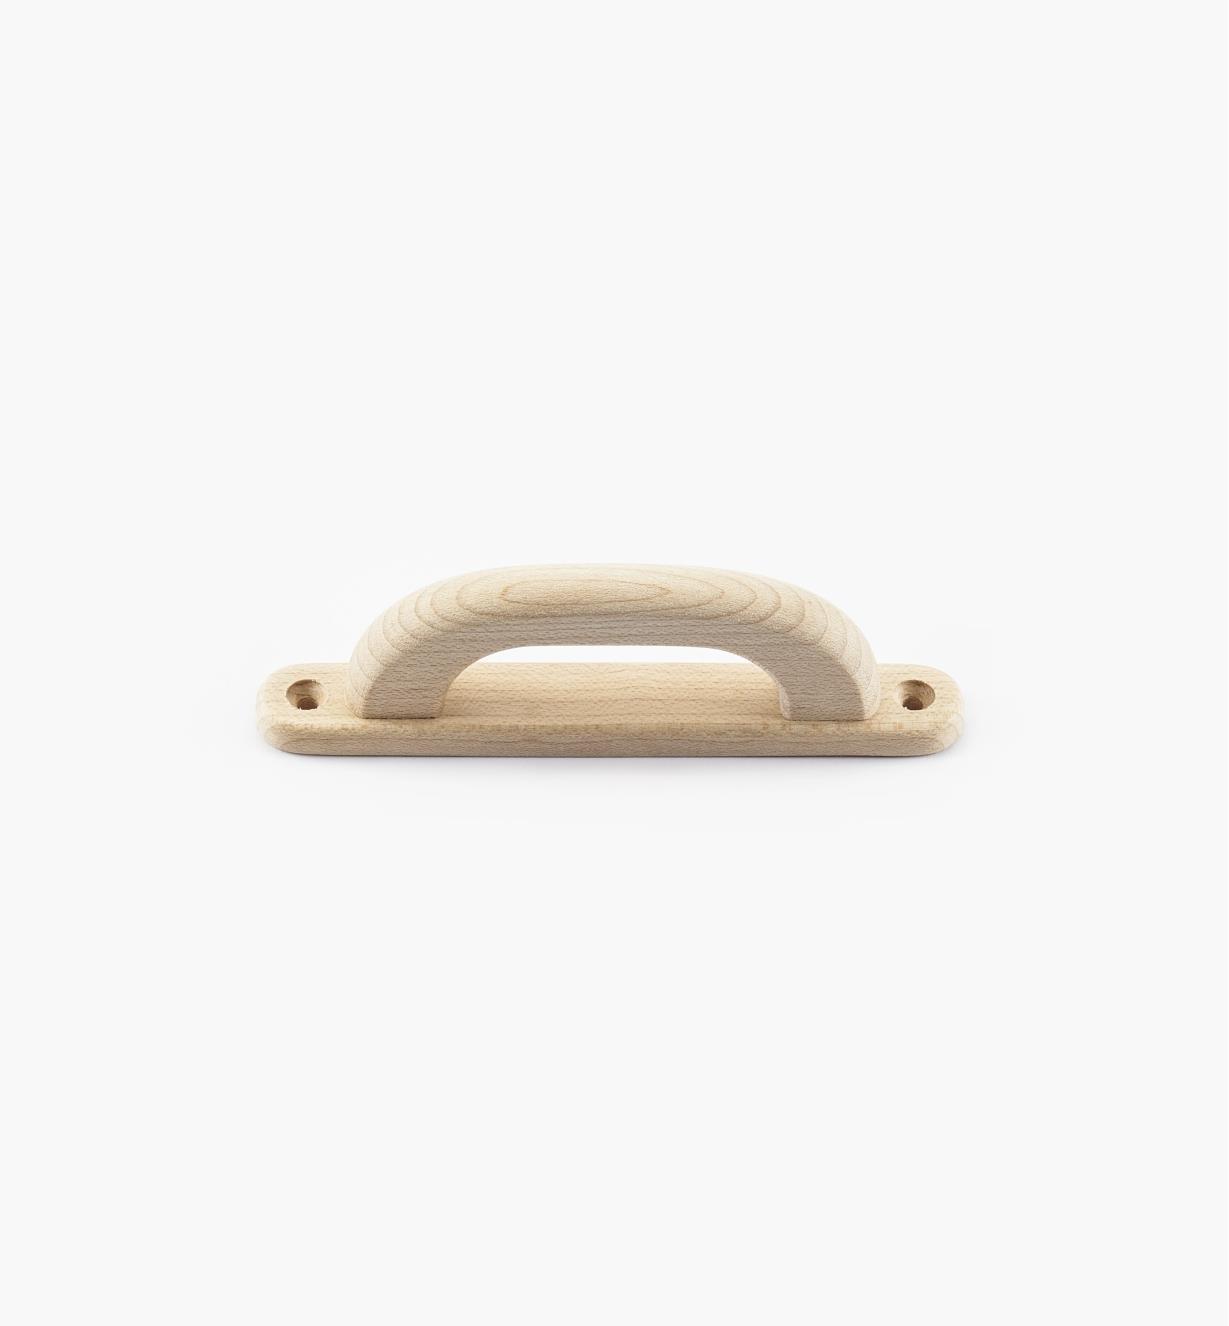 02B0412 - Poignée sur platine en érable, 4 po (86 mm)